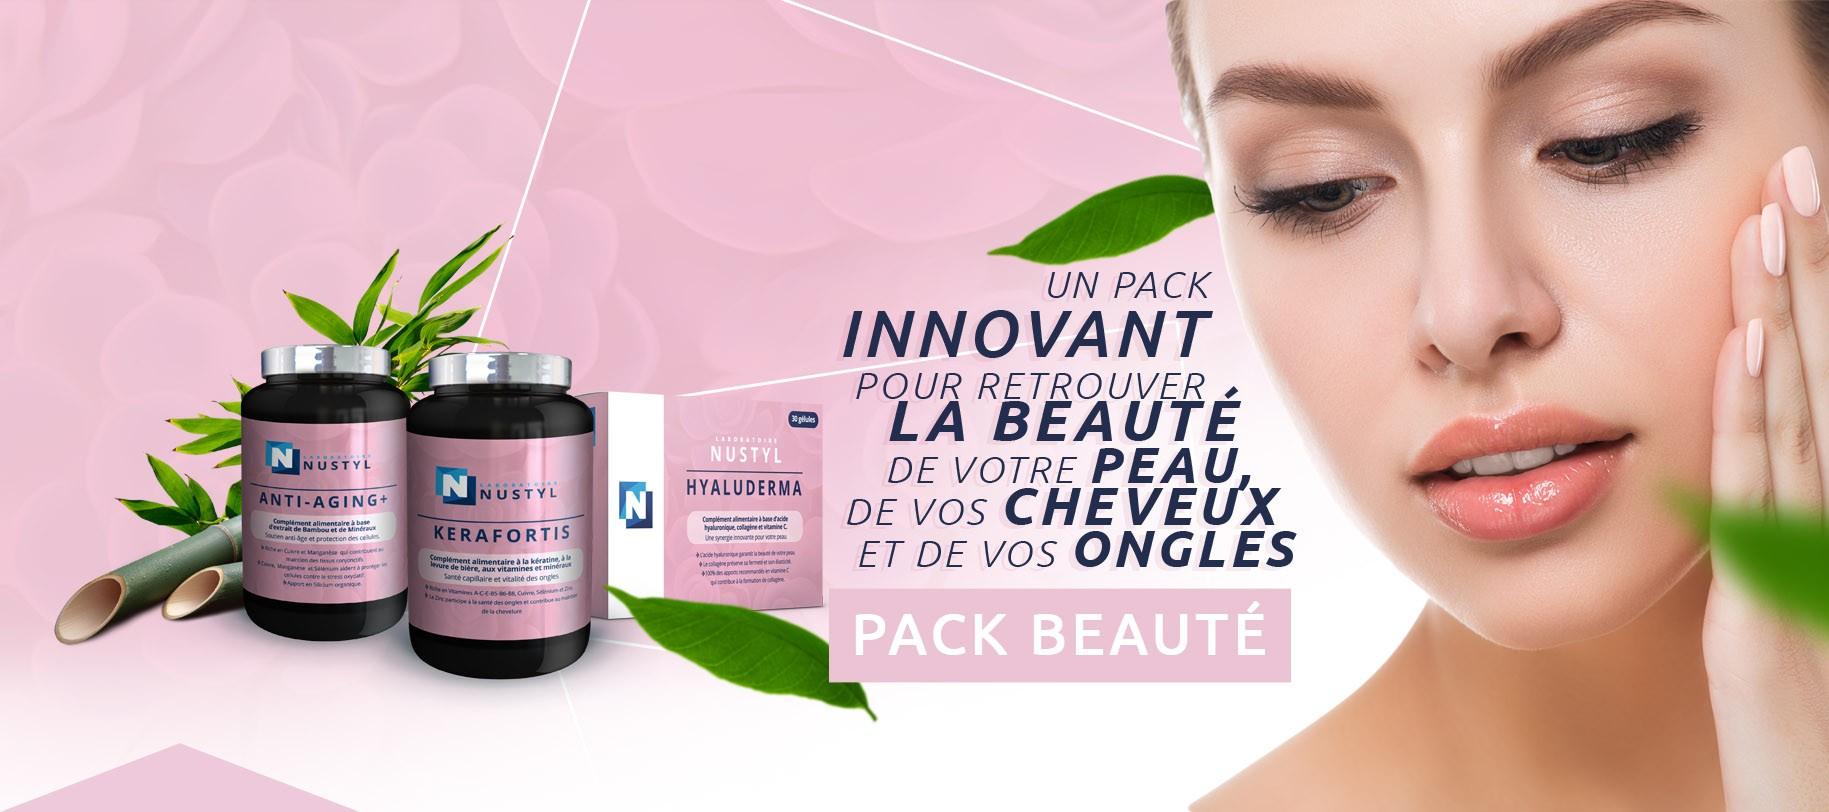 Le Laboratoire Nustyl vous présente le Pack Beauté: Un pack innovant pour retrouver la beauté de votre peau, de vos cheveux et de vos ongles